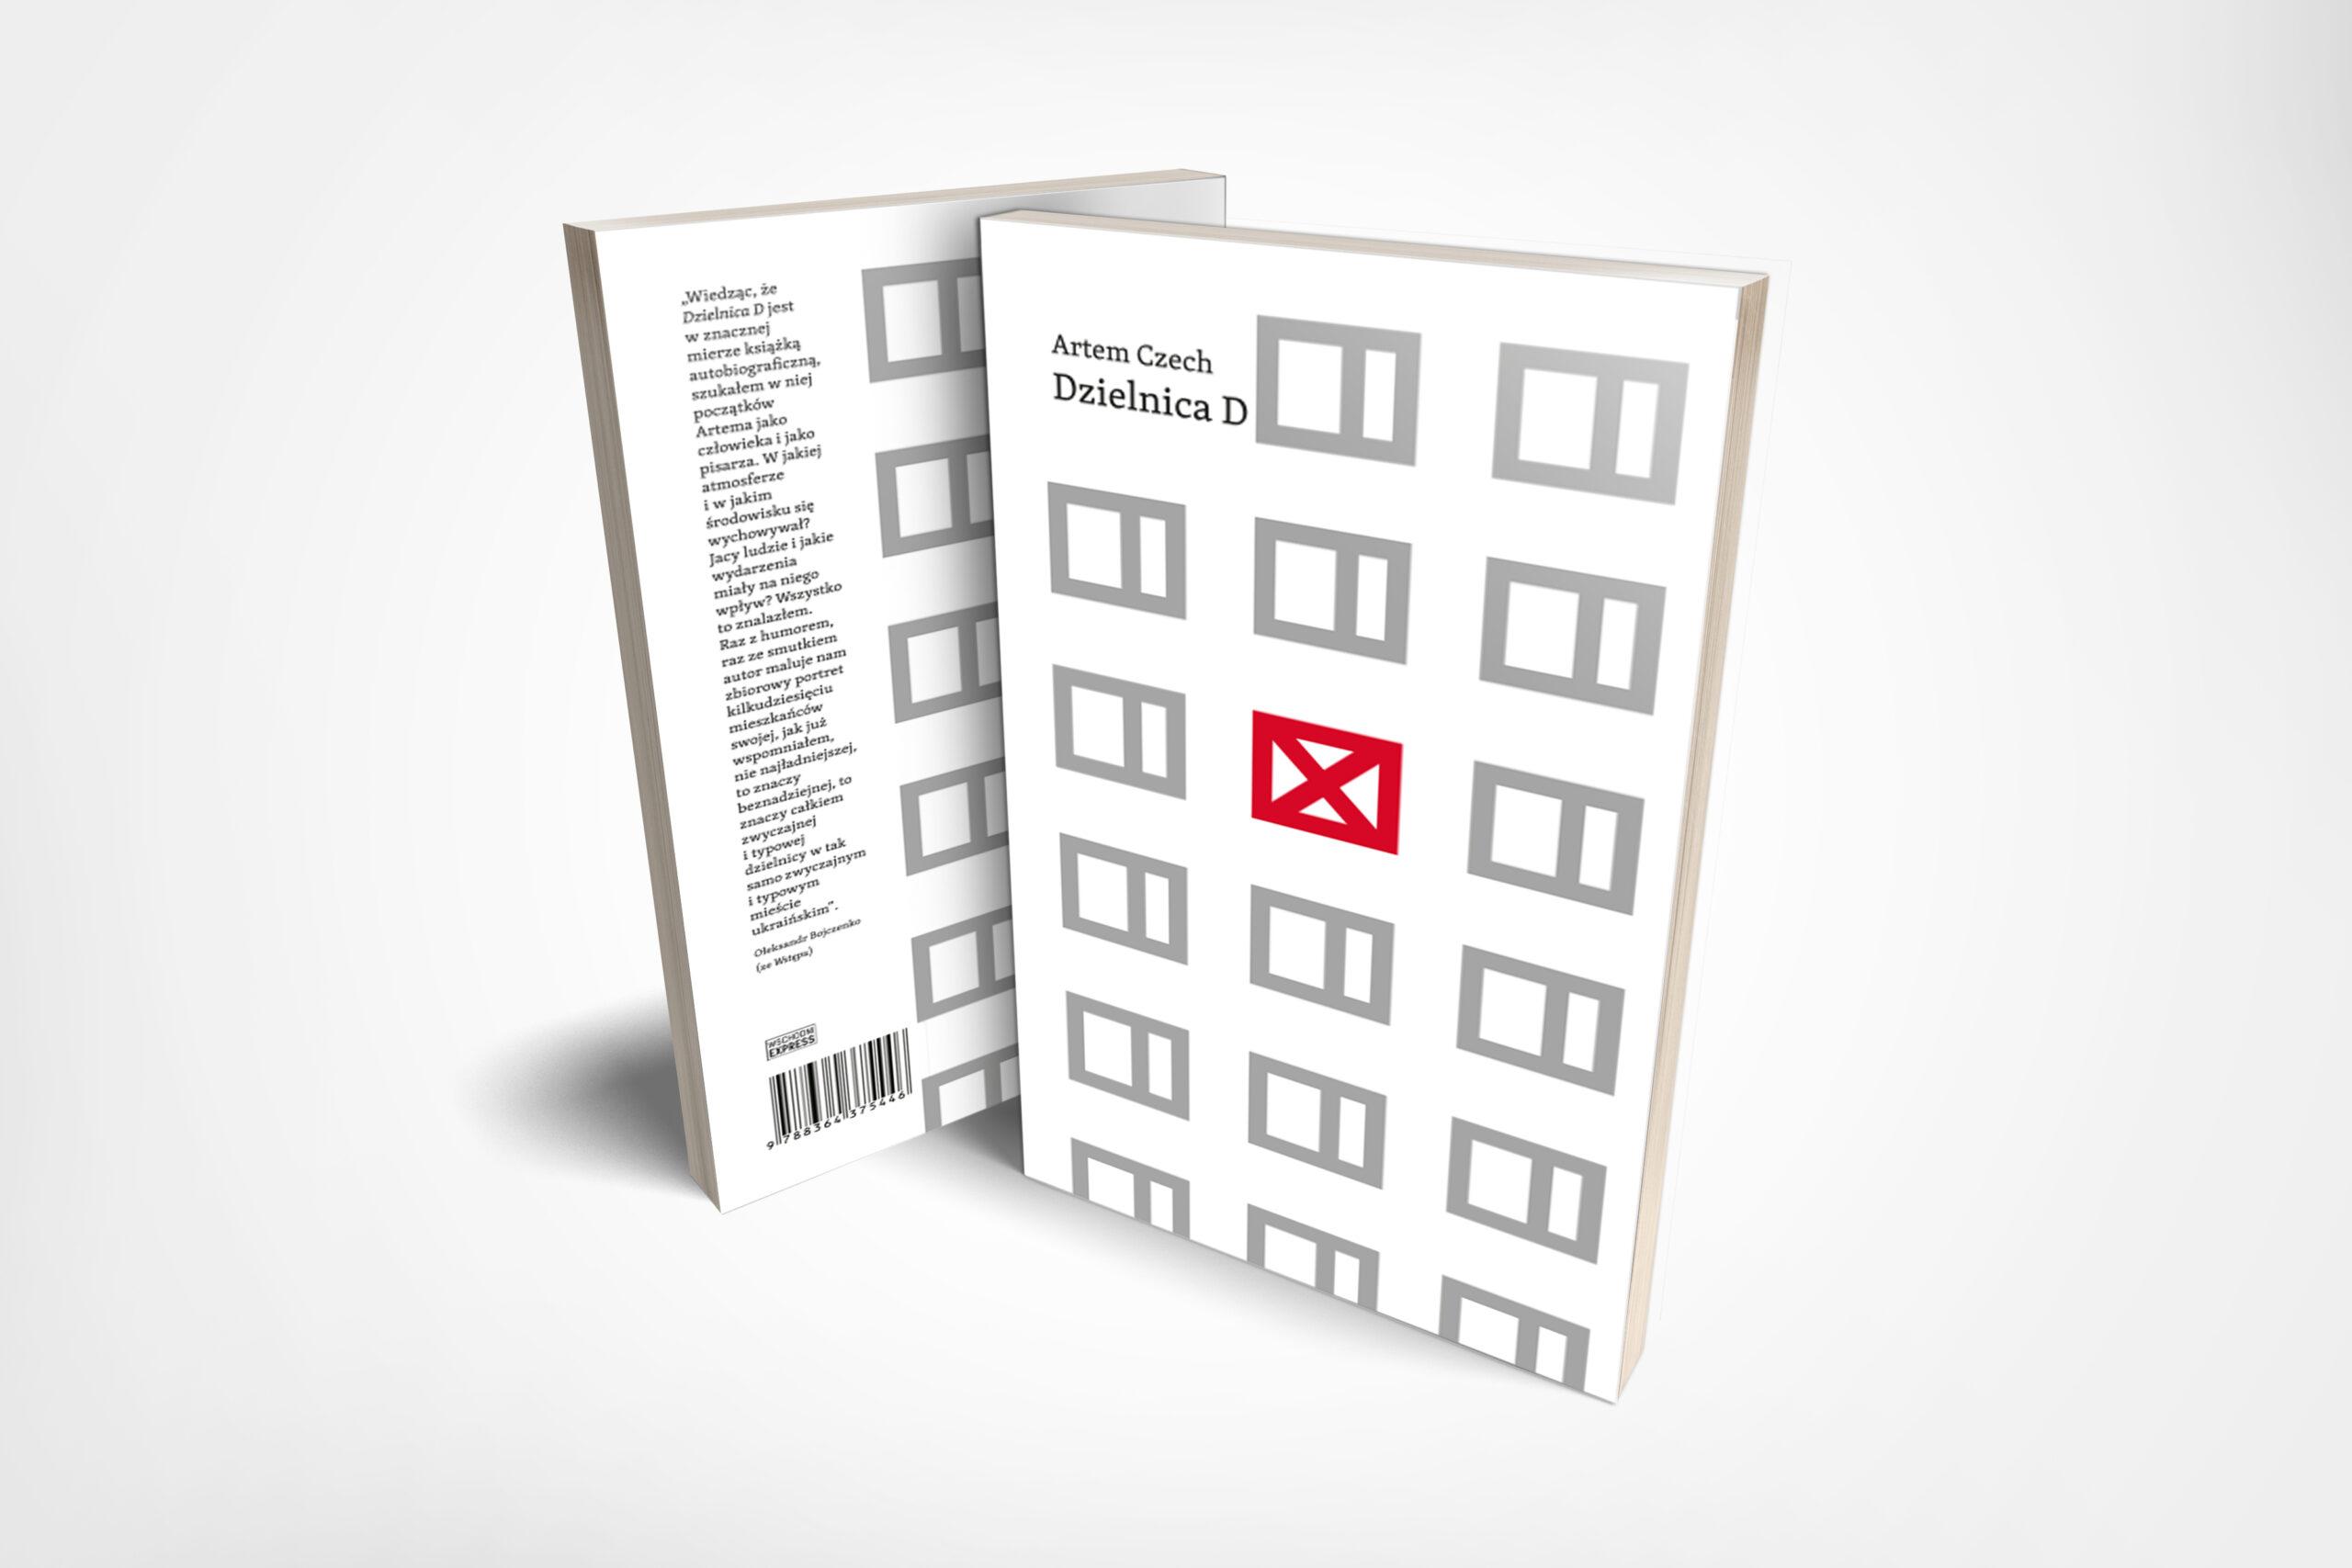 Biała okładka książki Dzielnica D, swoim układem przypomina ścianę bloku mieszkalnego z szeregiem okien w sześciu rzędach. Jedno z okien jest w kolorze czerwonym ze znakiem iks w środku